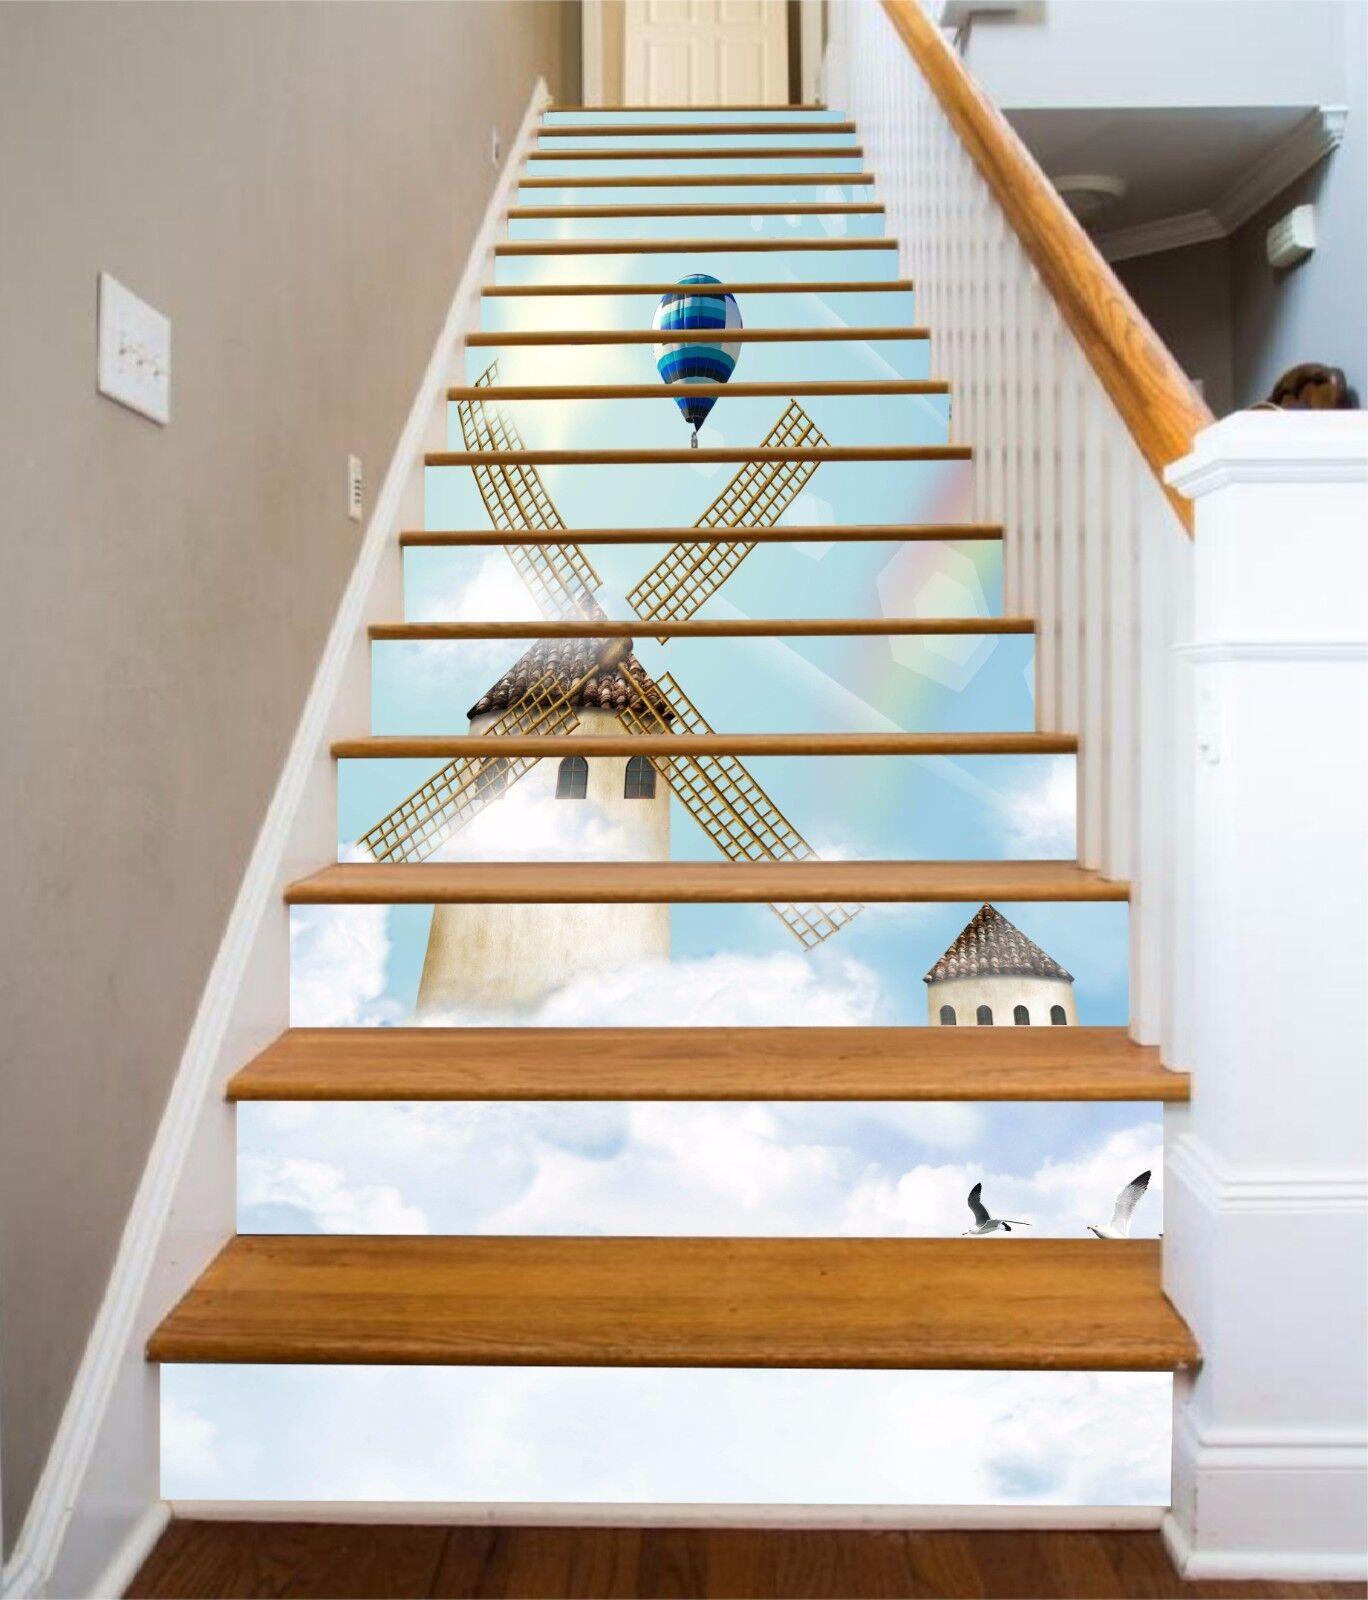 3D Ciel Windmill 31 escaliers contremarches Décoration Photo Murale Autocollant Vinyle Papier Peint US